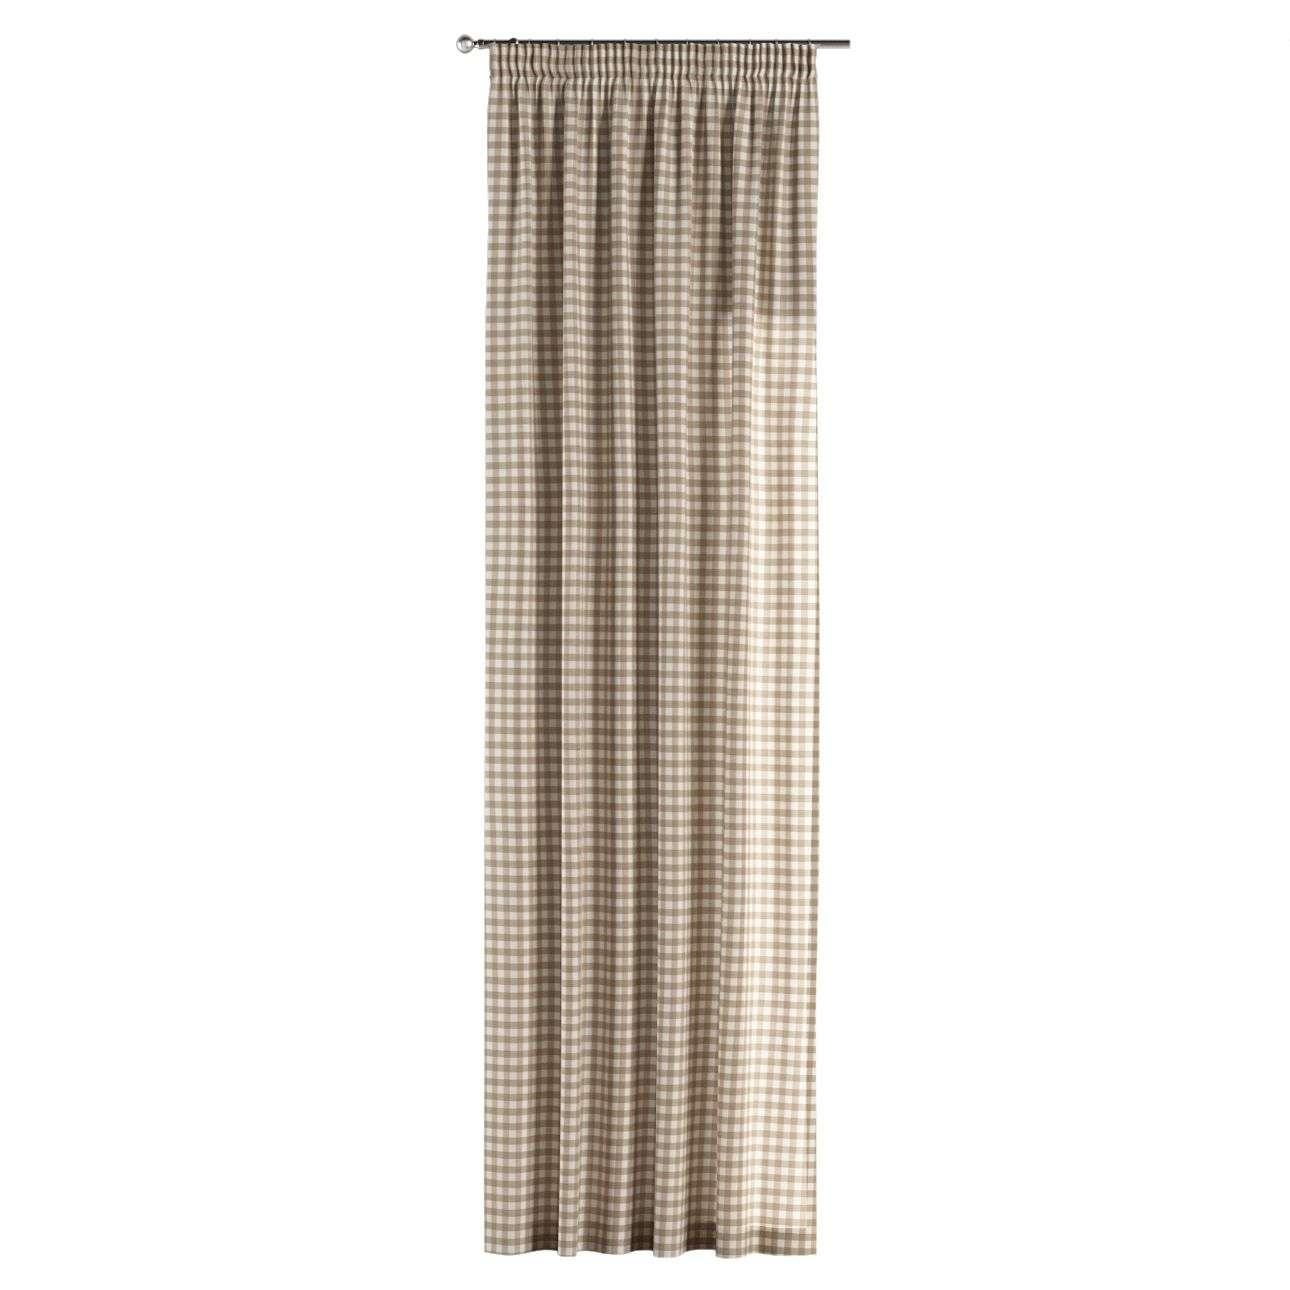 Pieštukinio klostavimo užuolaidos 130 x 260 cm (plotis x ilgis) kolekcijoje Quadro, audinys: 136-06